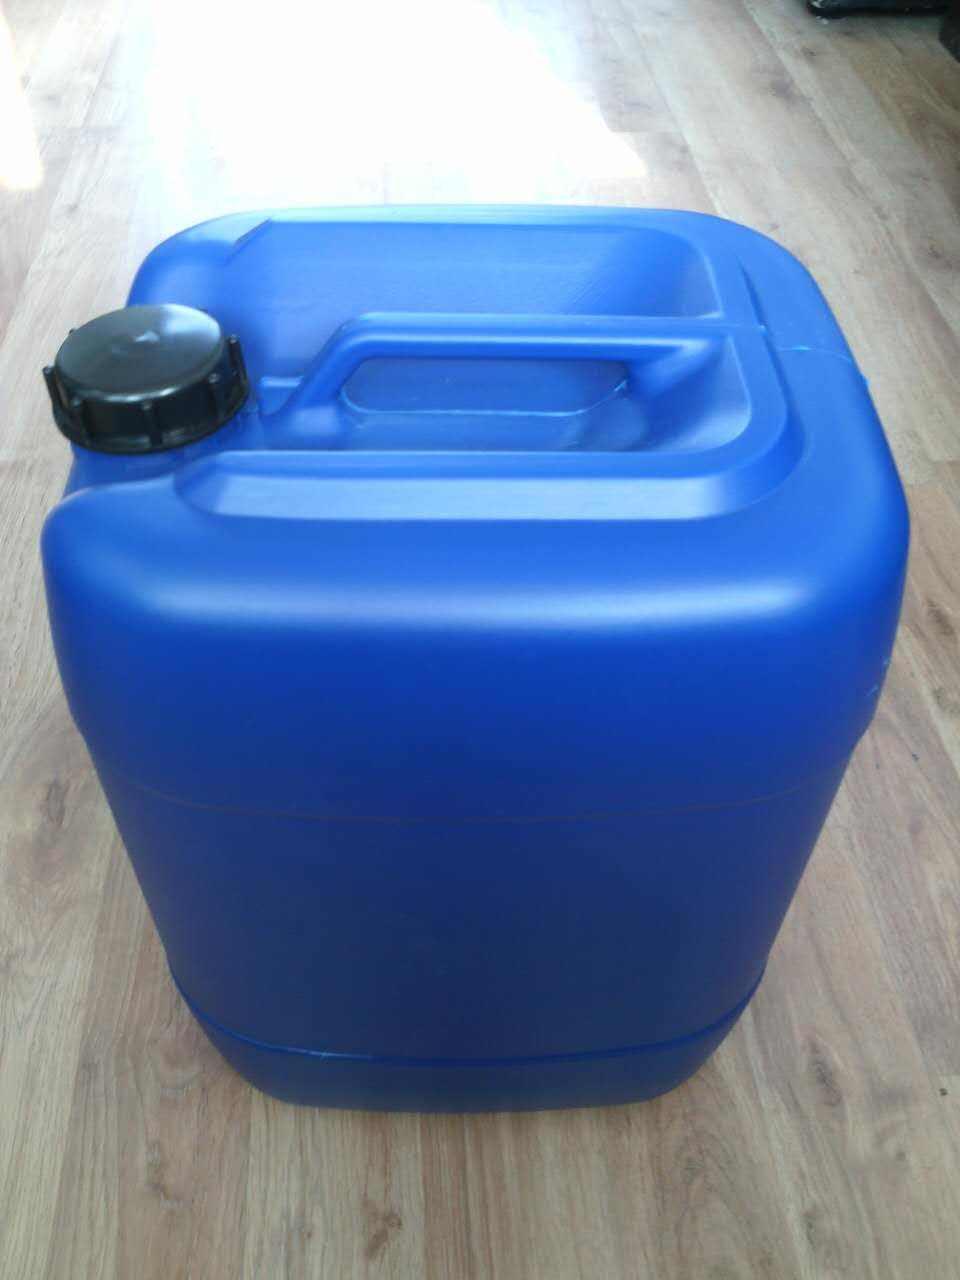 靖宇液体臭味剂厂家直供 采暖水臭味剂 锅炉变色臭味剂名优产品